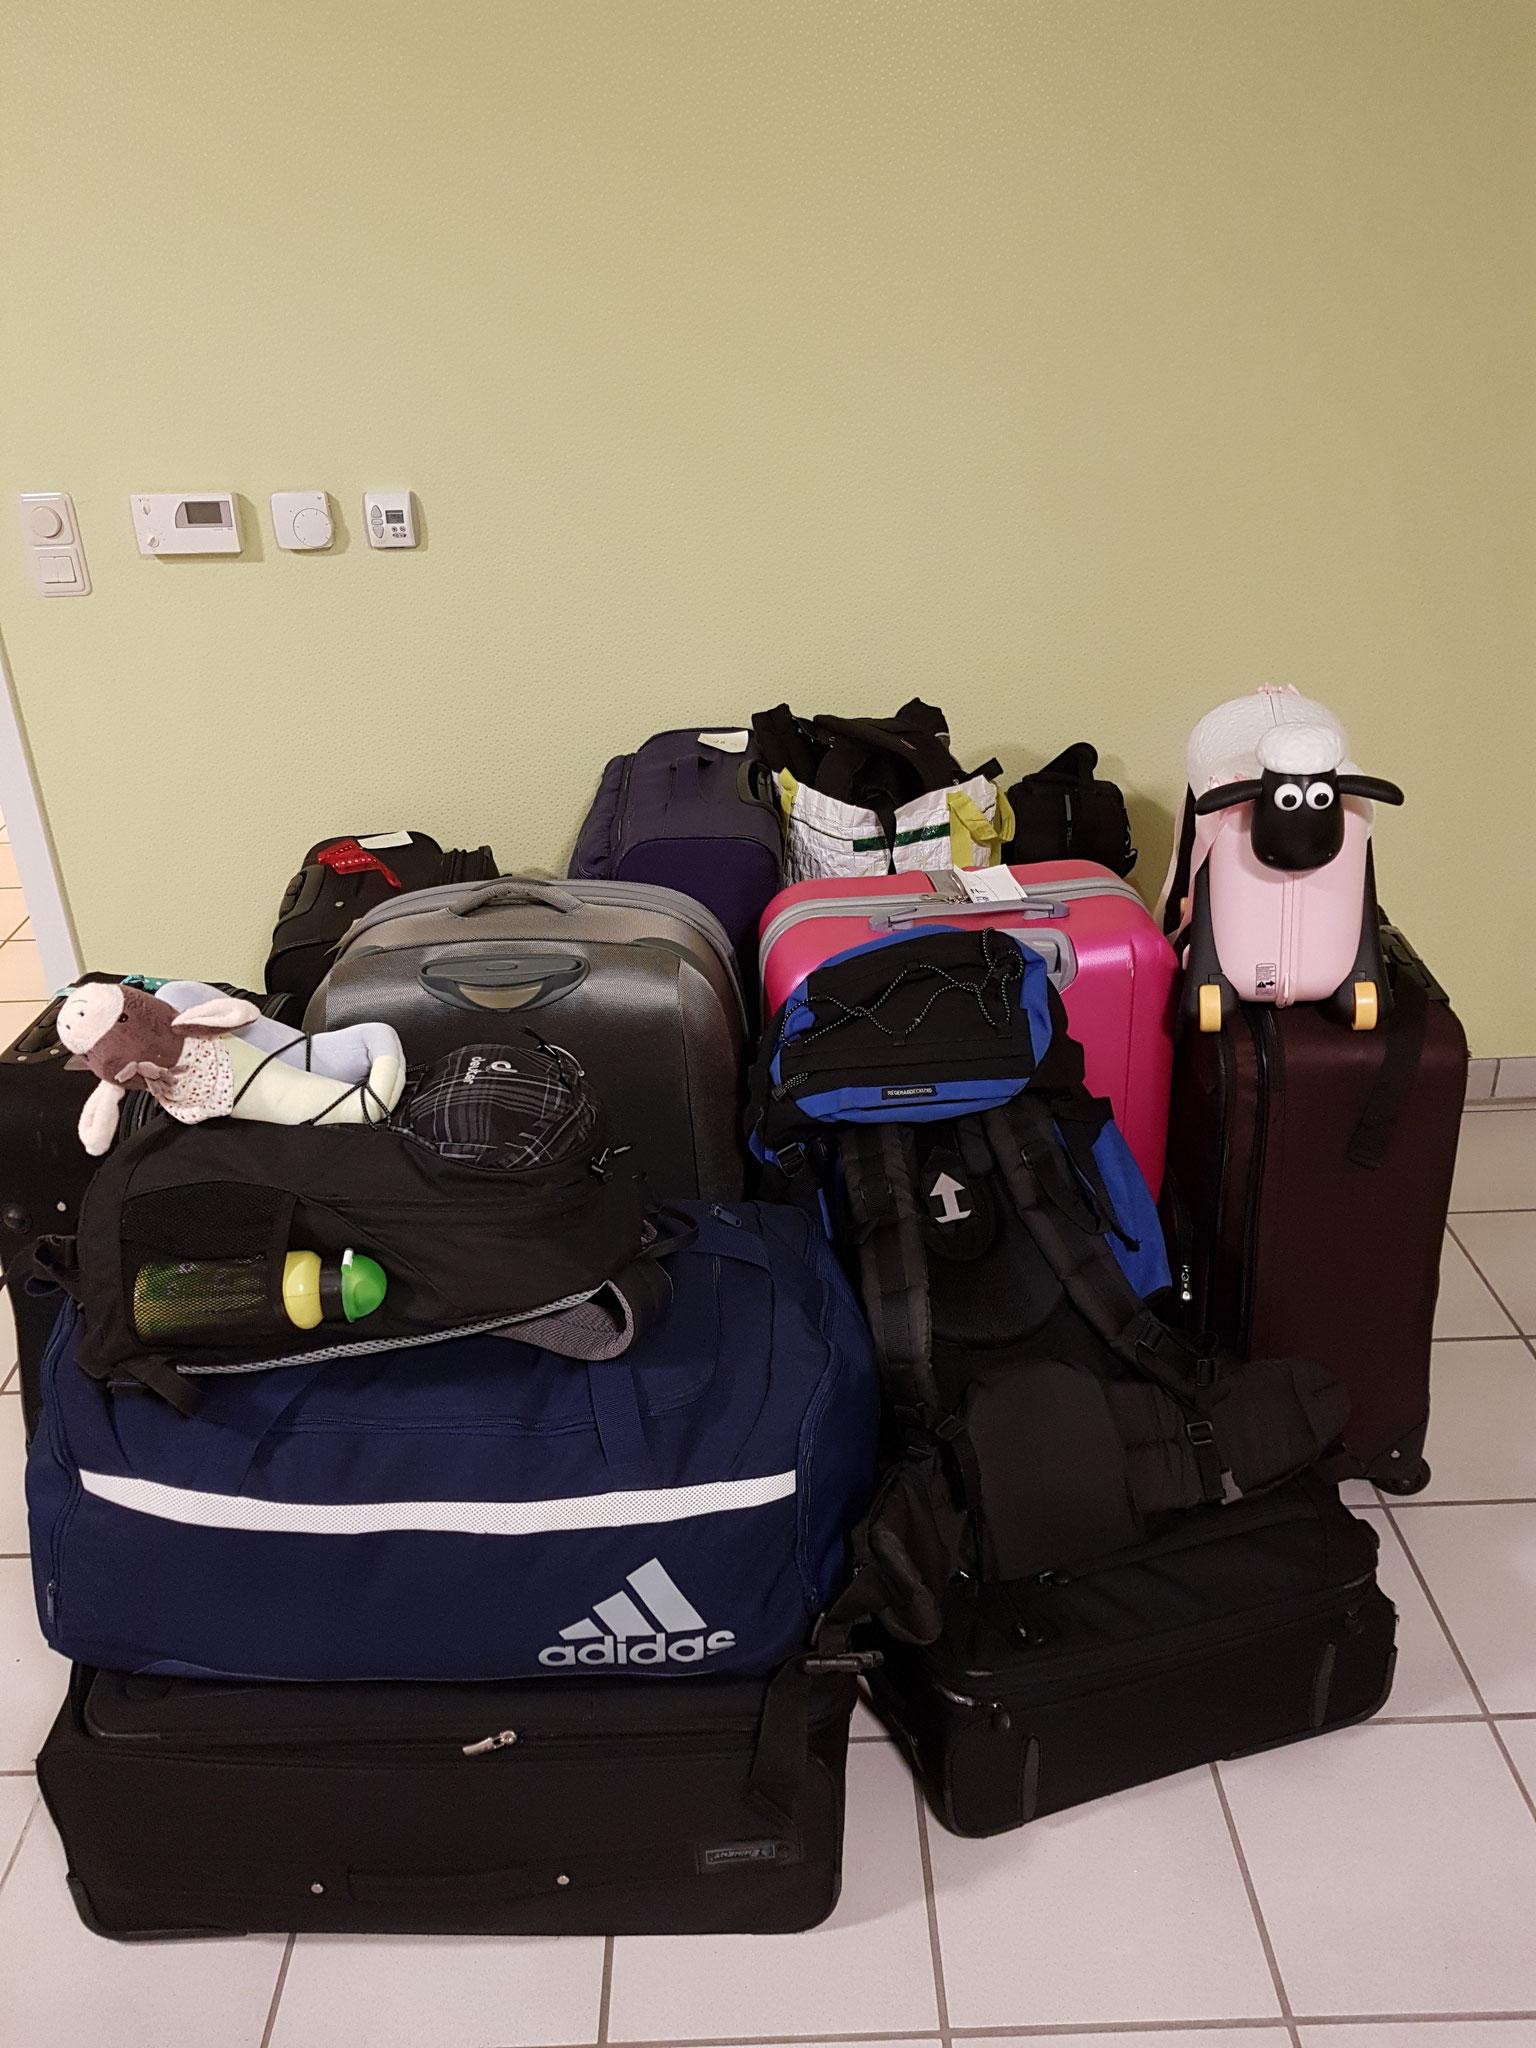 8 Koffer und 4 Handgepäckstücke (zusammen ca. 200kg) gehen morgen früh auf die Reise nach Peru